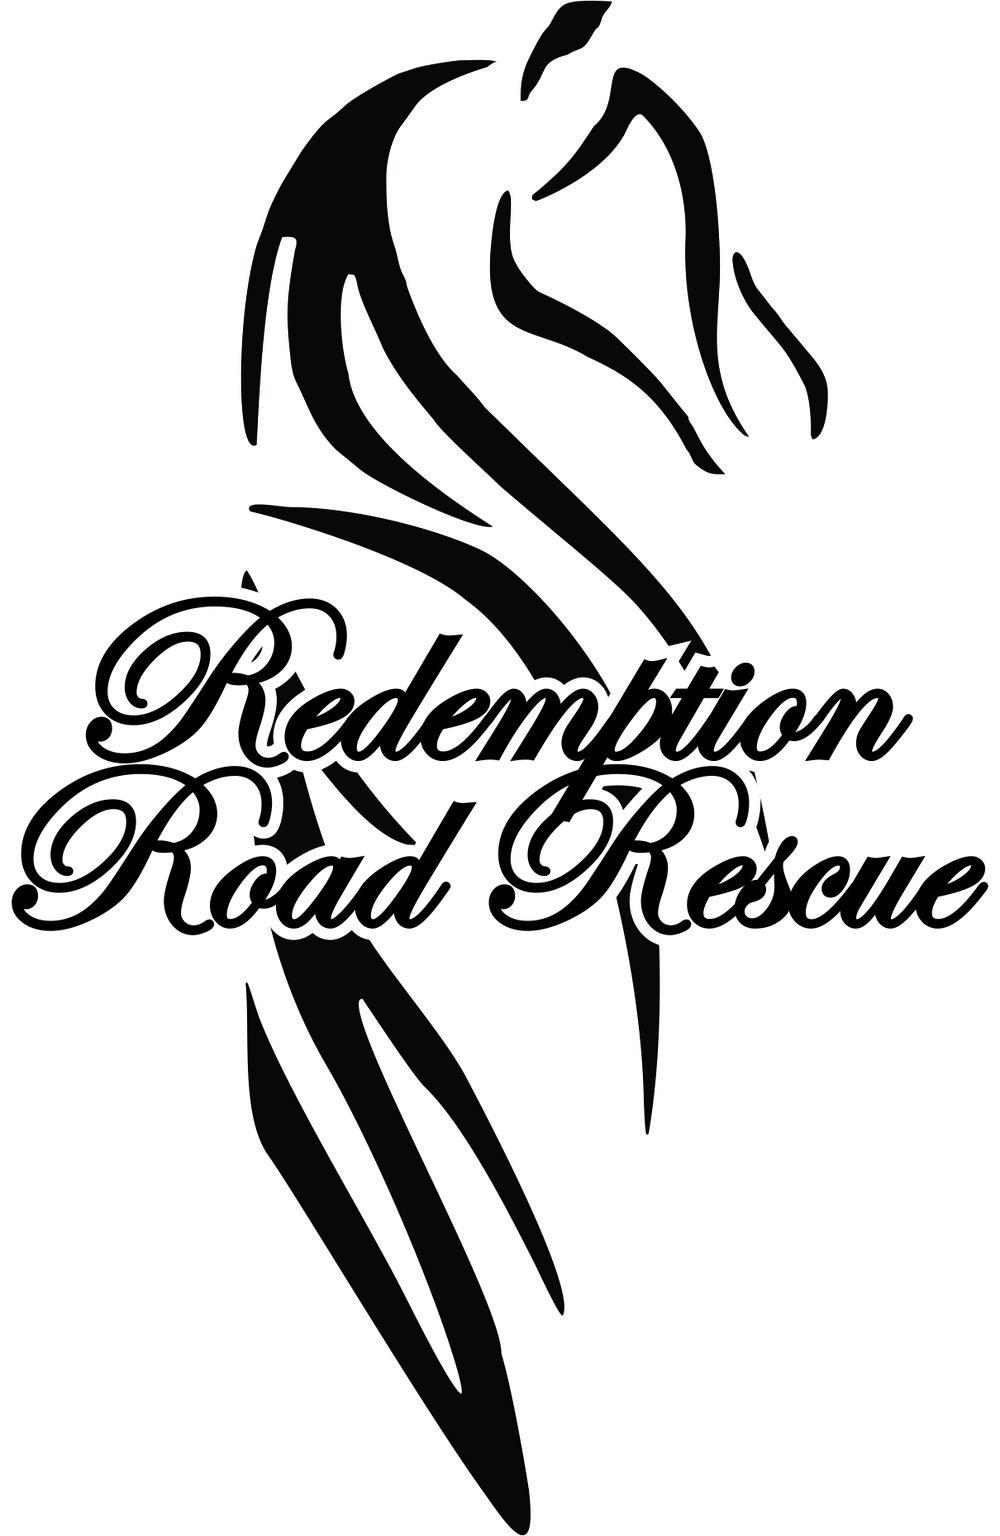 RRR New Logo 1-2016 (1).jpeg